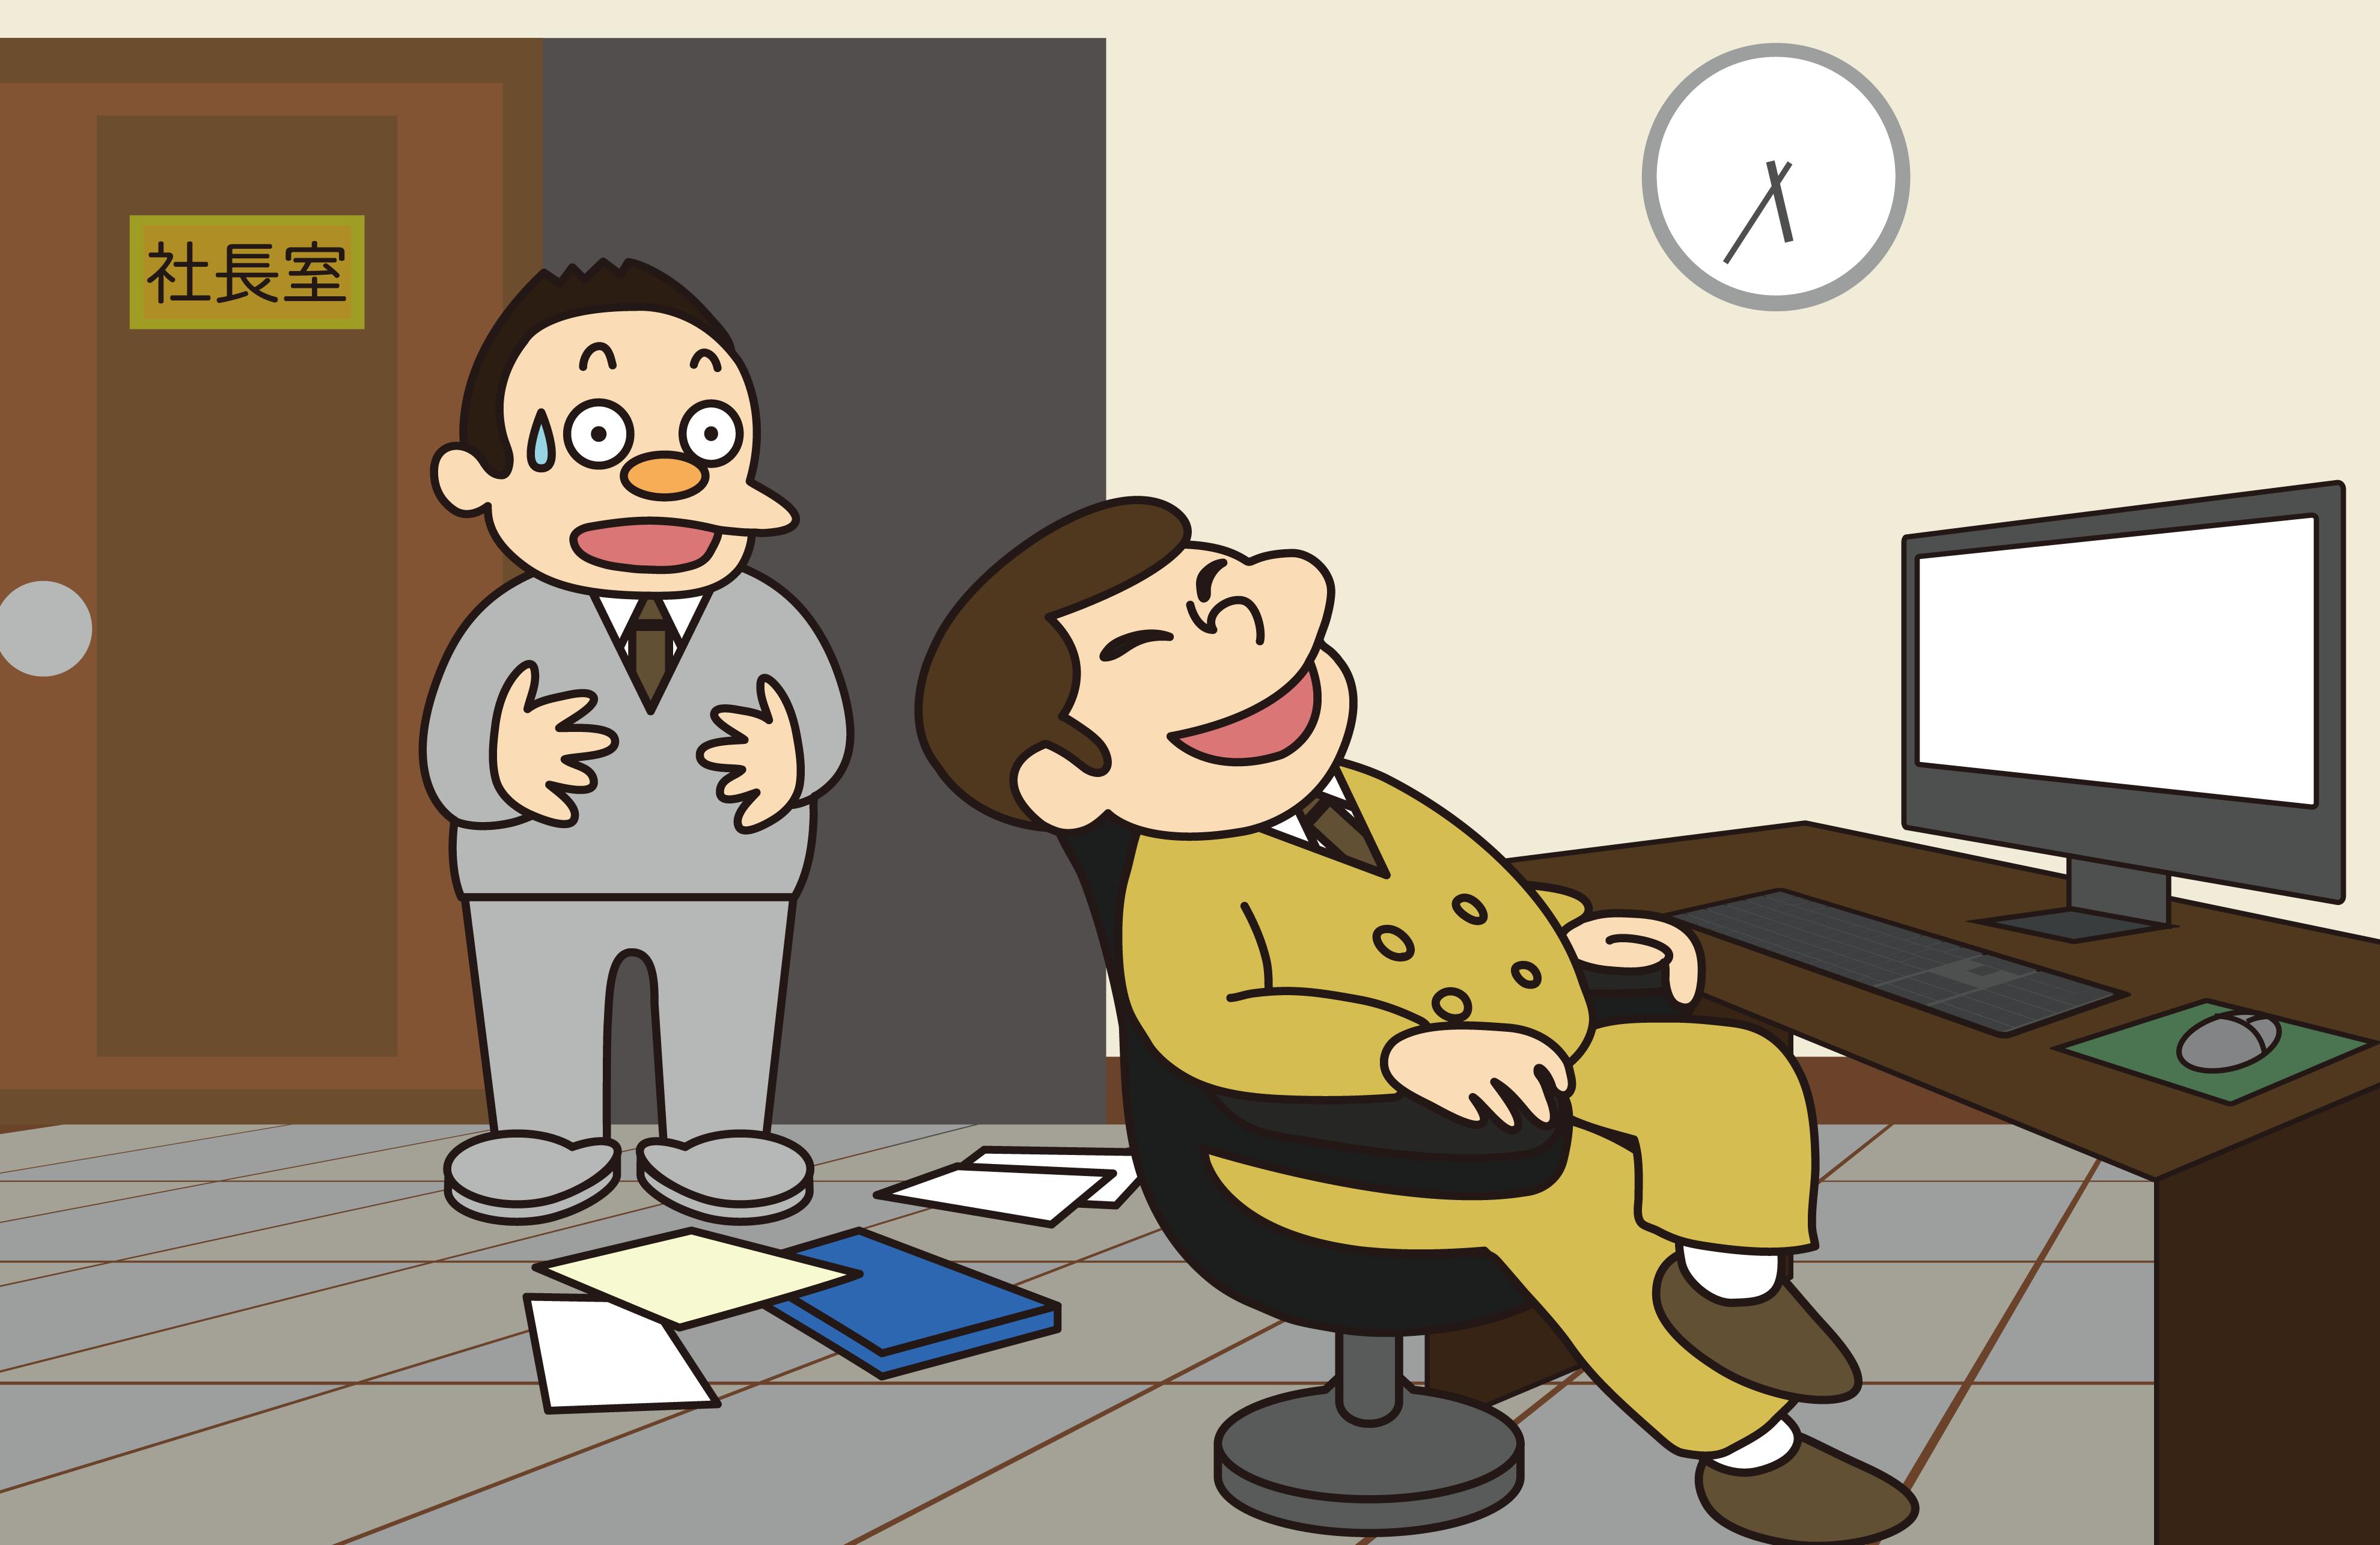 エルコのマイナンバー管理ソフト販売サイト